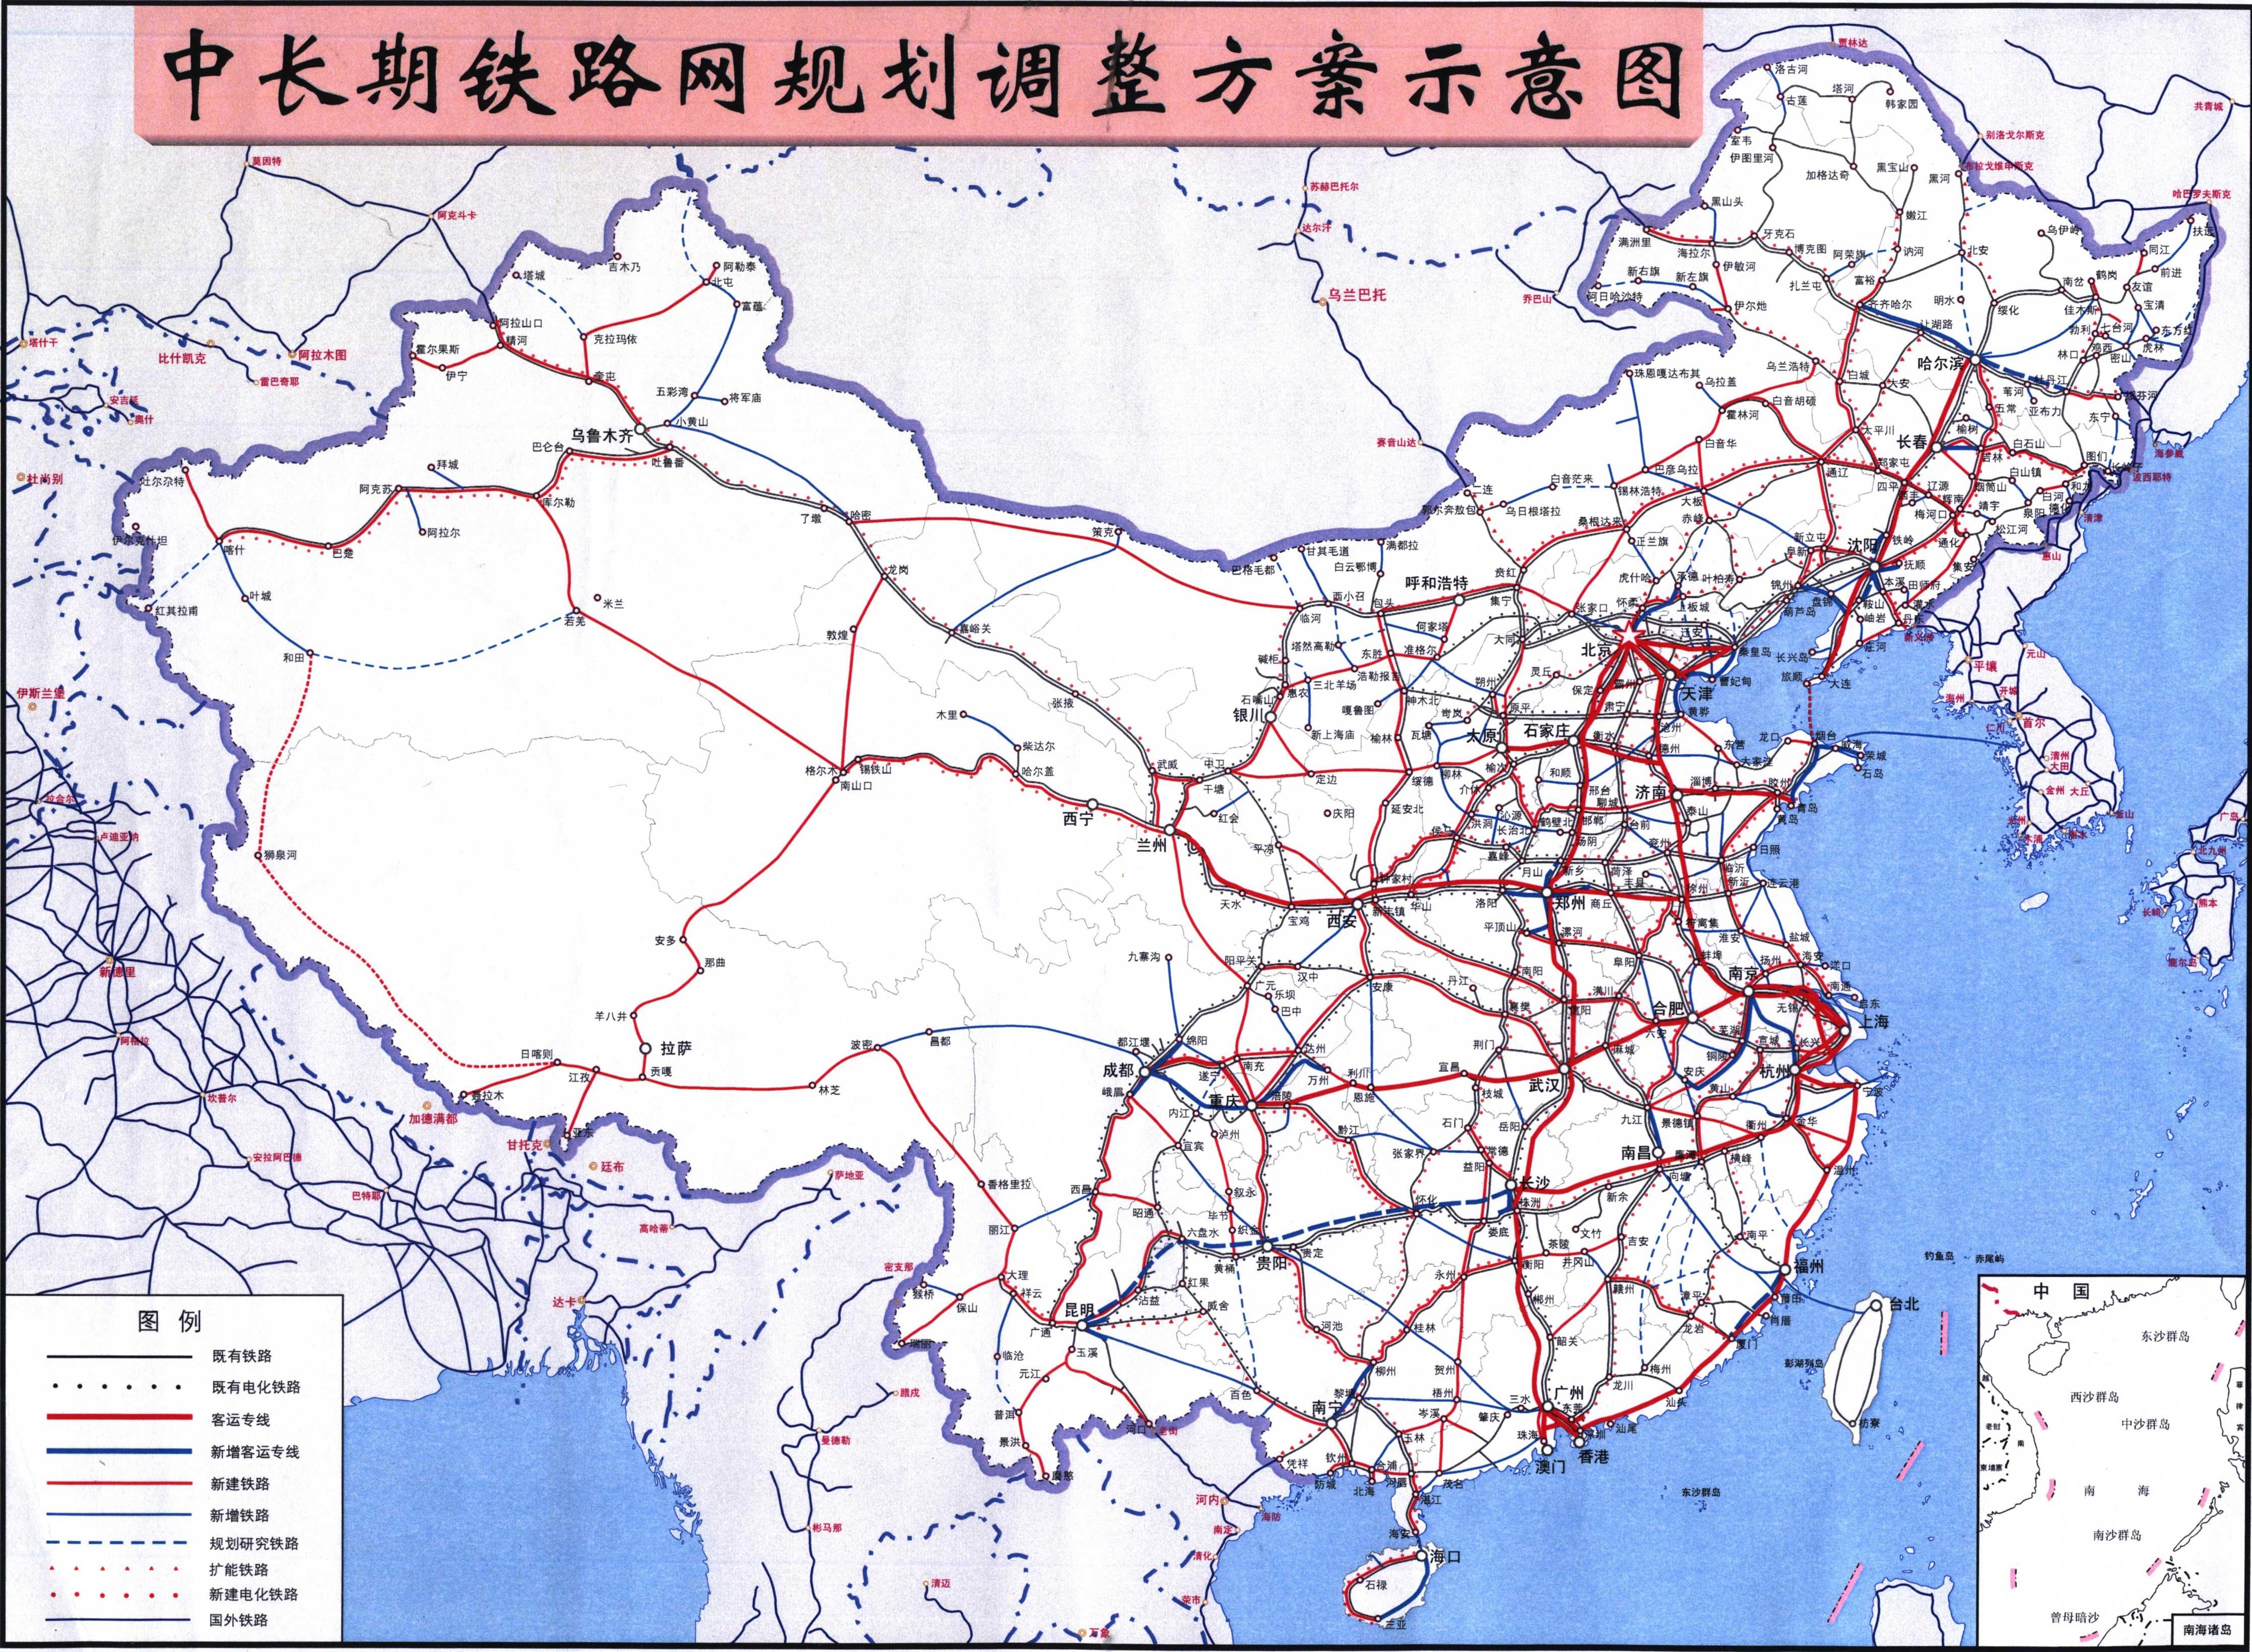 江西省铁路规划调整_中国铁路网中长期规划调整示意图_交通地图库_地图窝